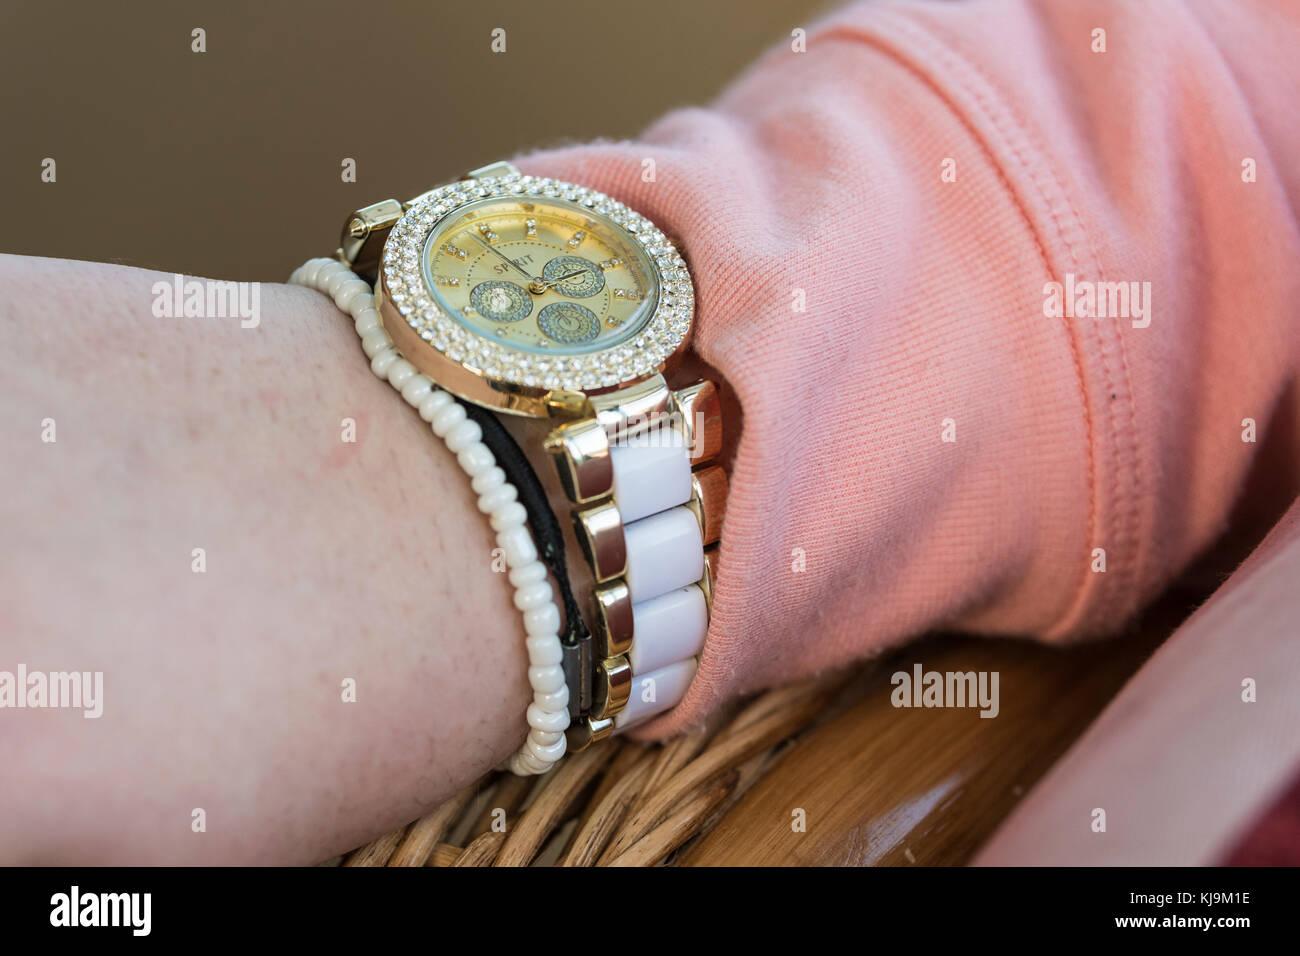 Le poignet d'une femme portant un cher à regarder. Banque D'Images